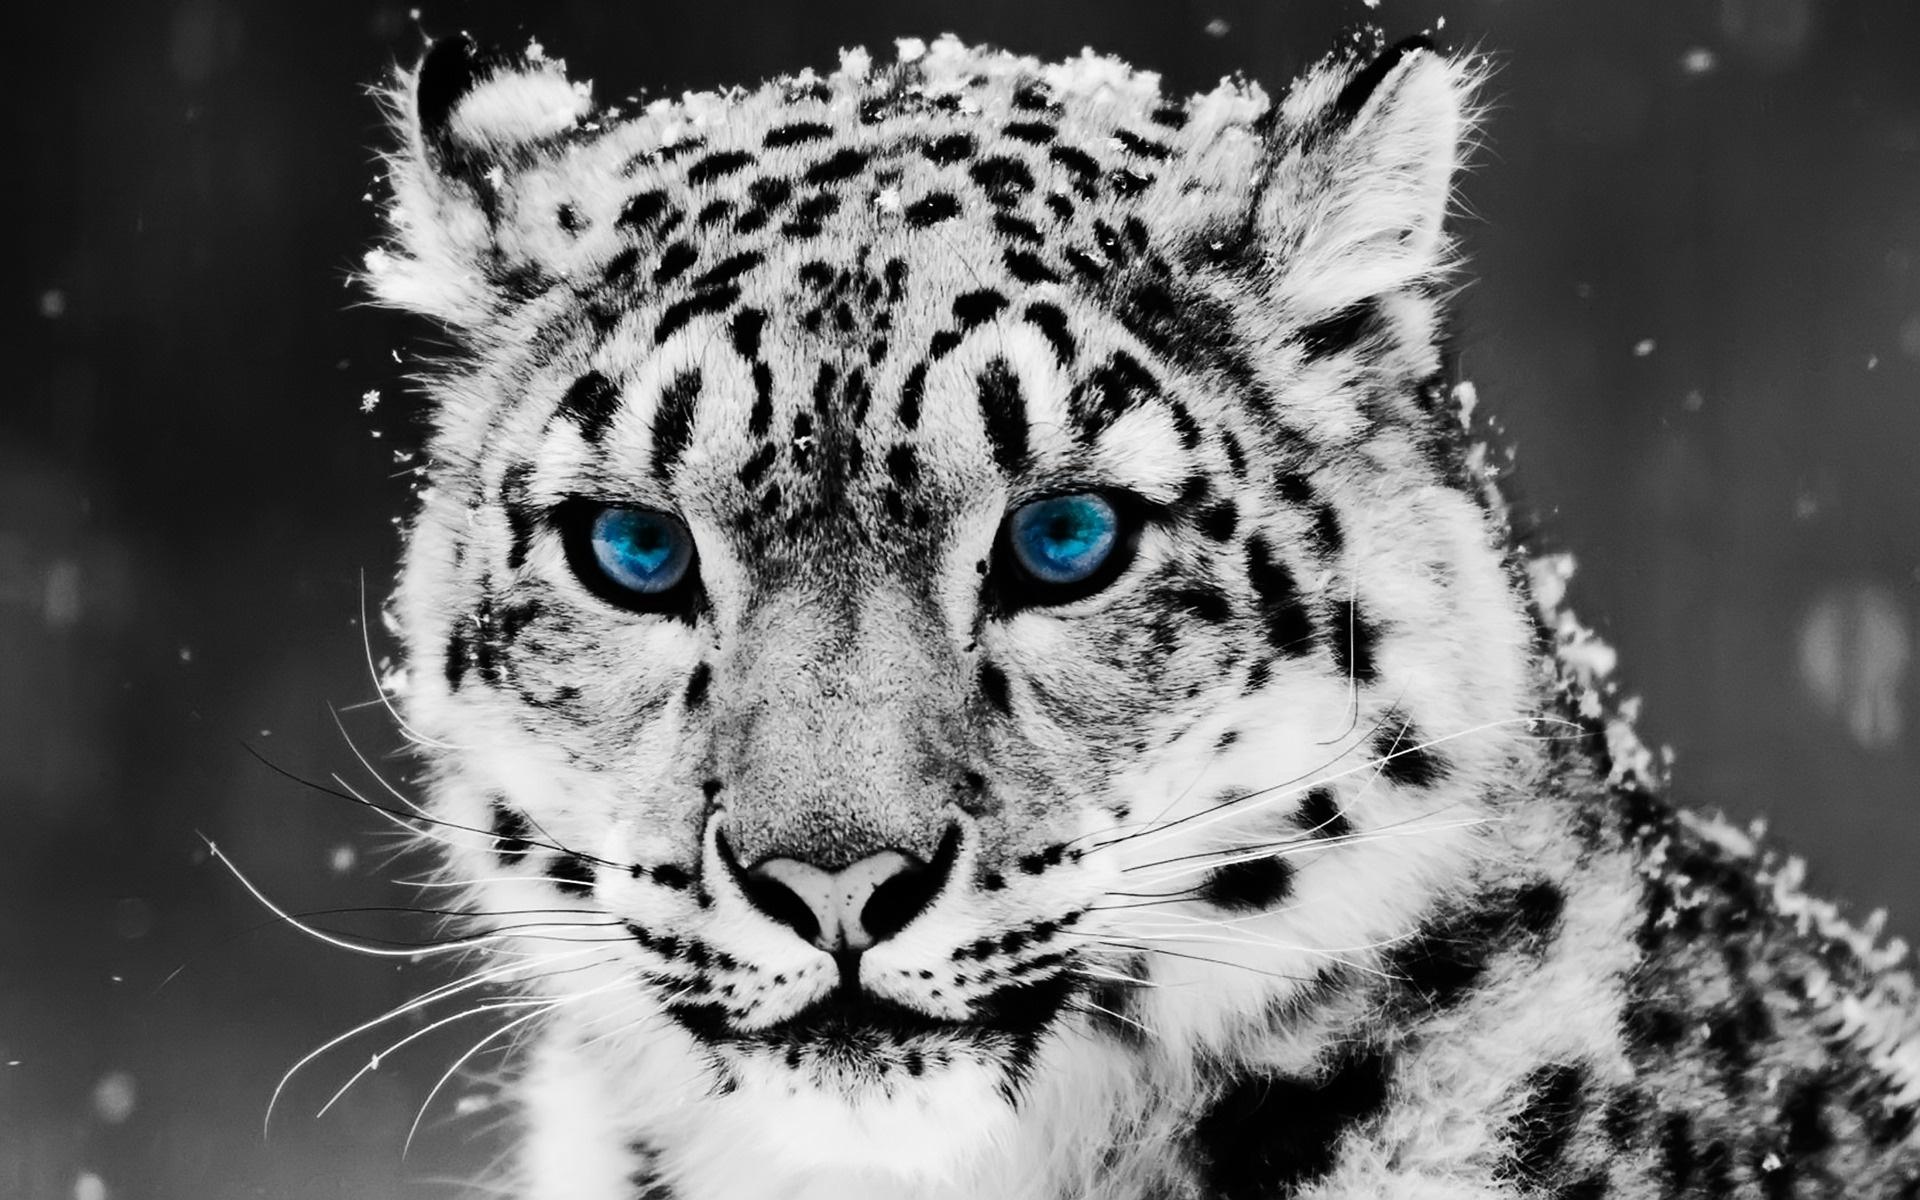 Snow Blue Eye Leopard Wallpapers   HD Wallpapers